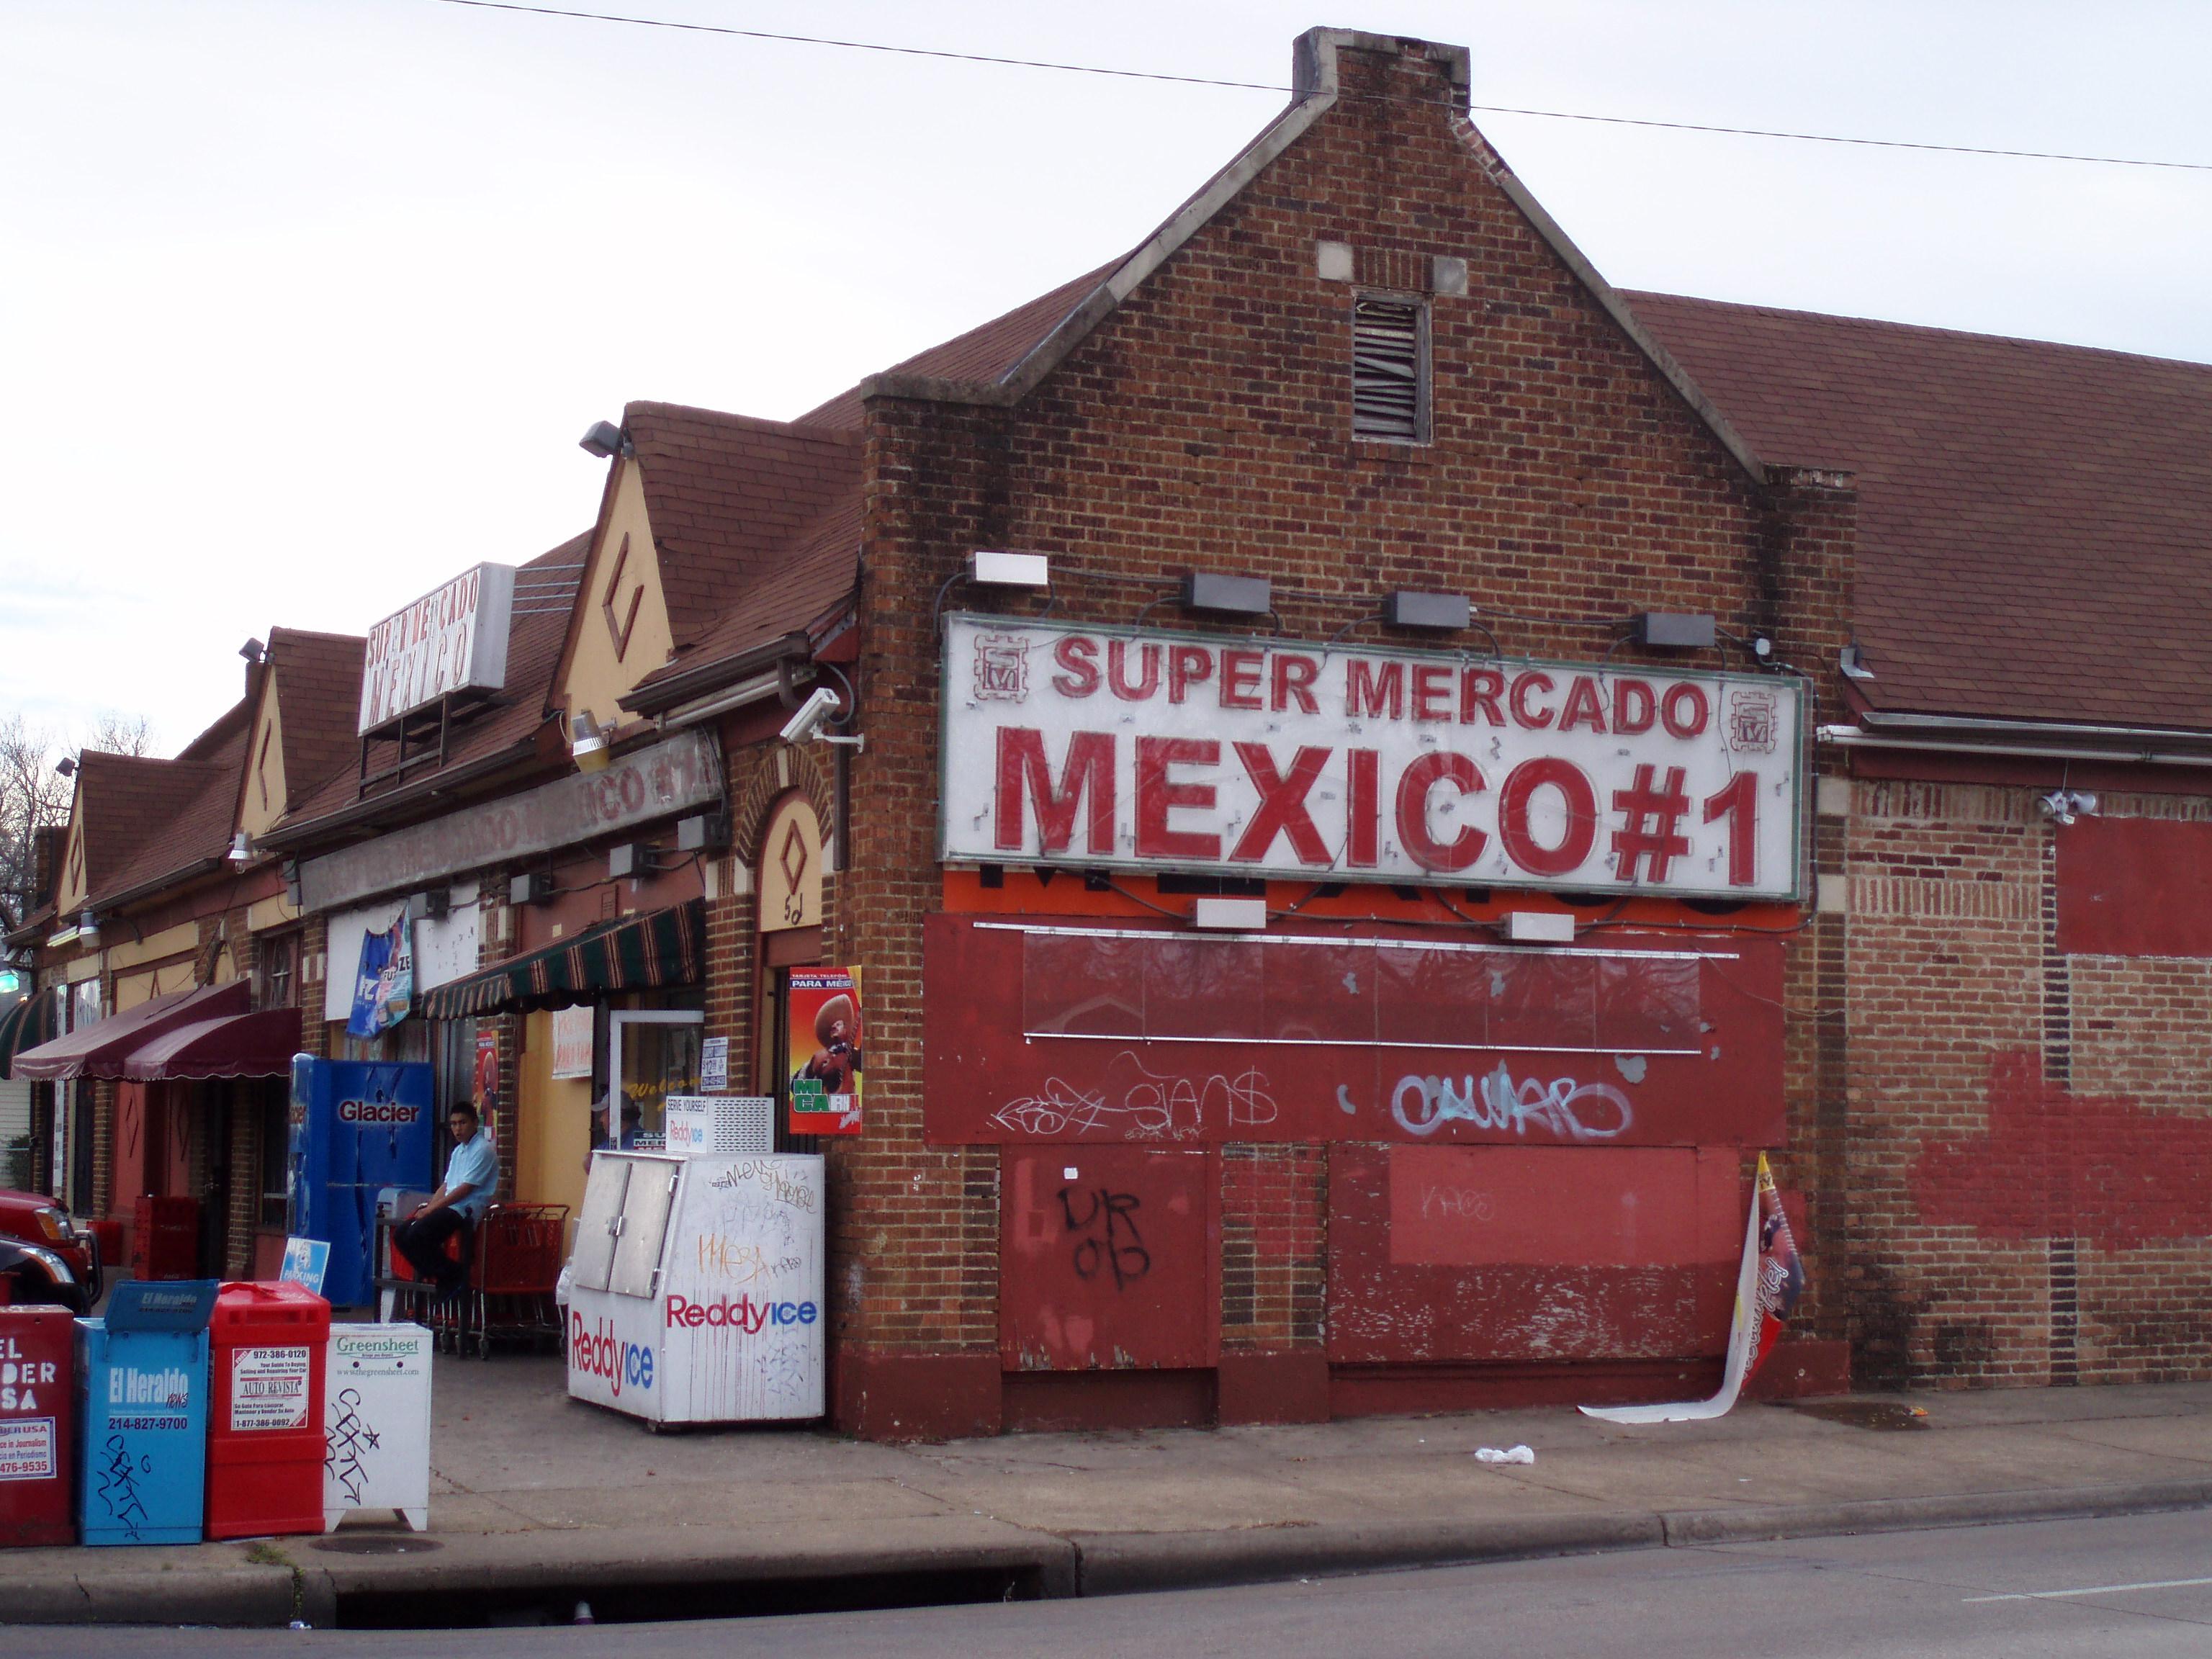 Super Mercado Mexico